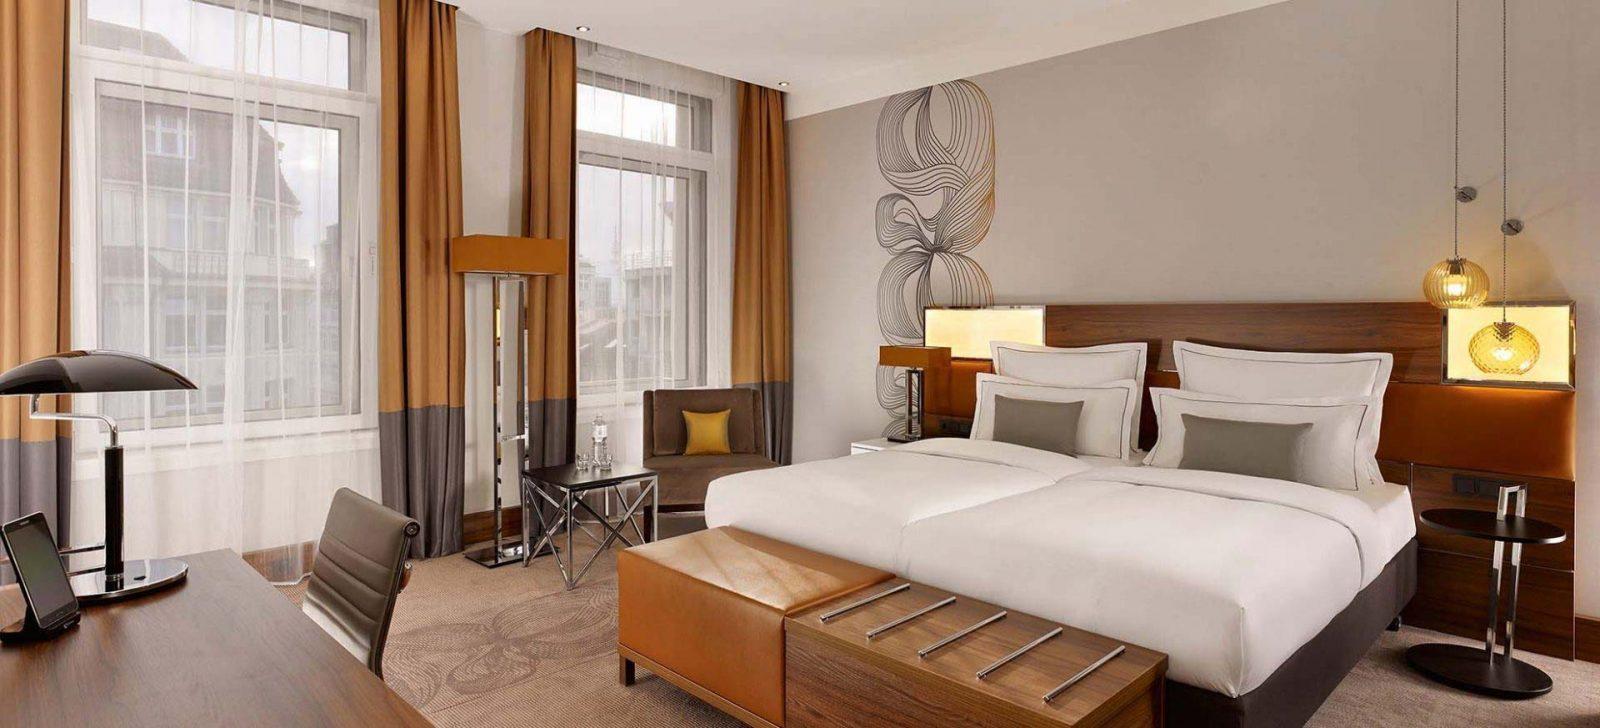 Reichshof Hotel Hamburg Extra Large Zimmer / Extra Large Room